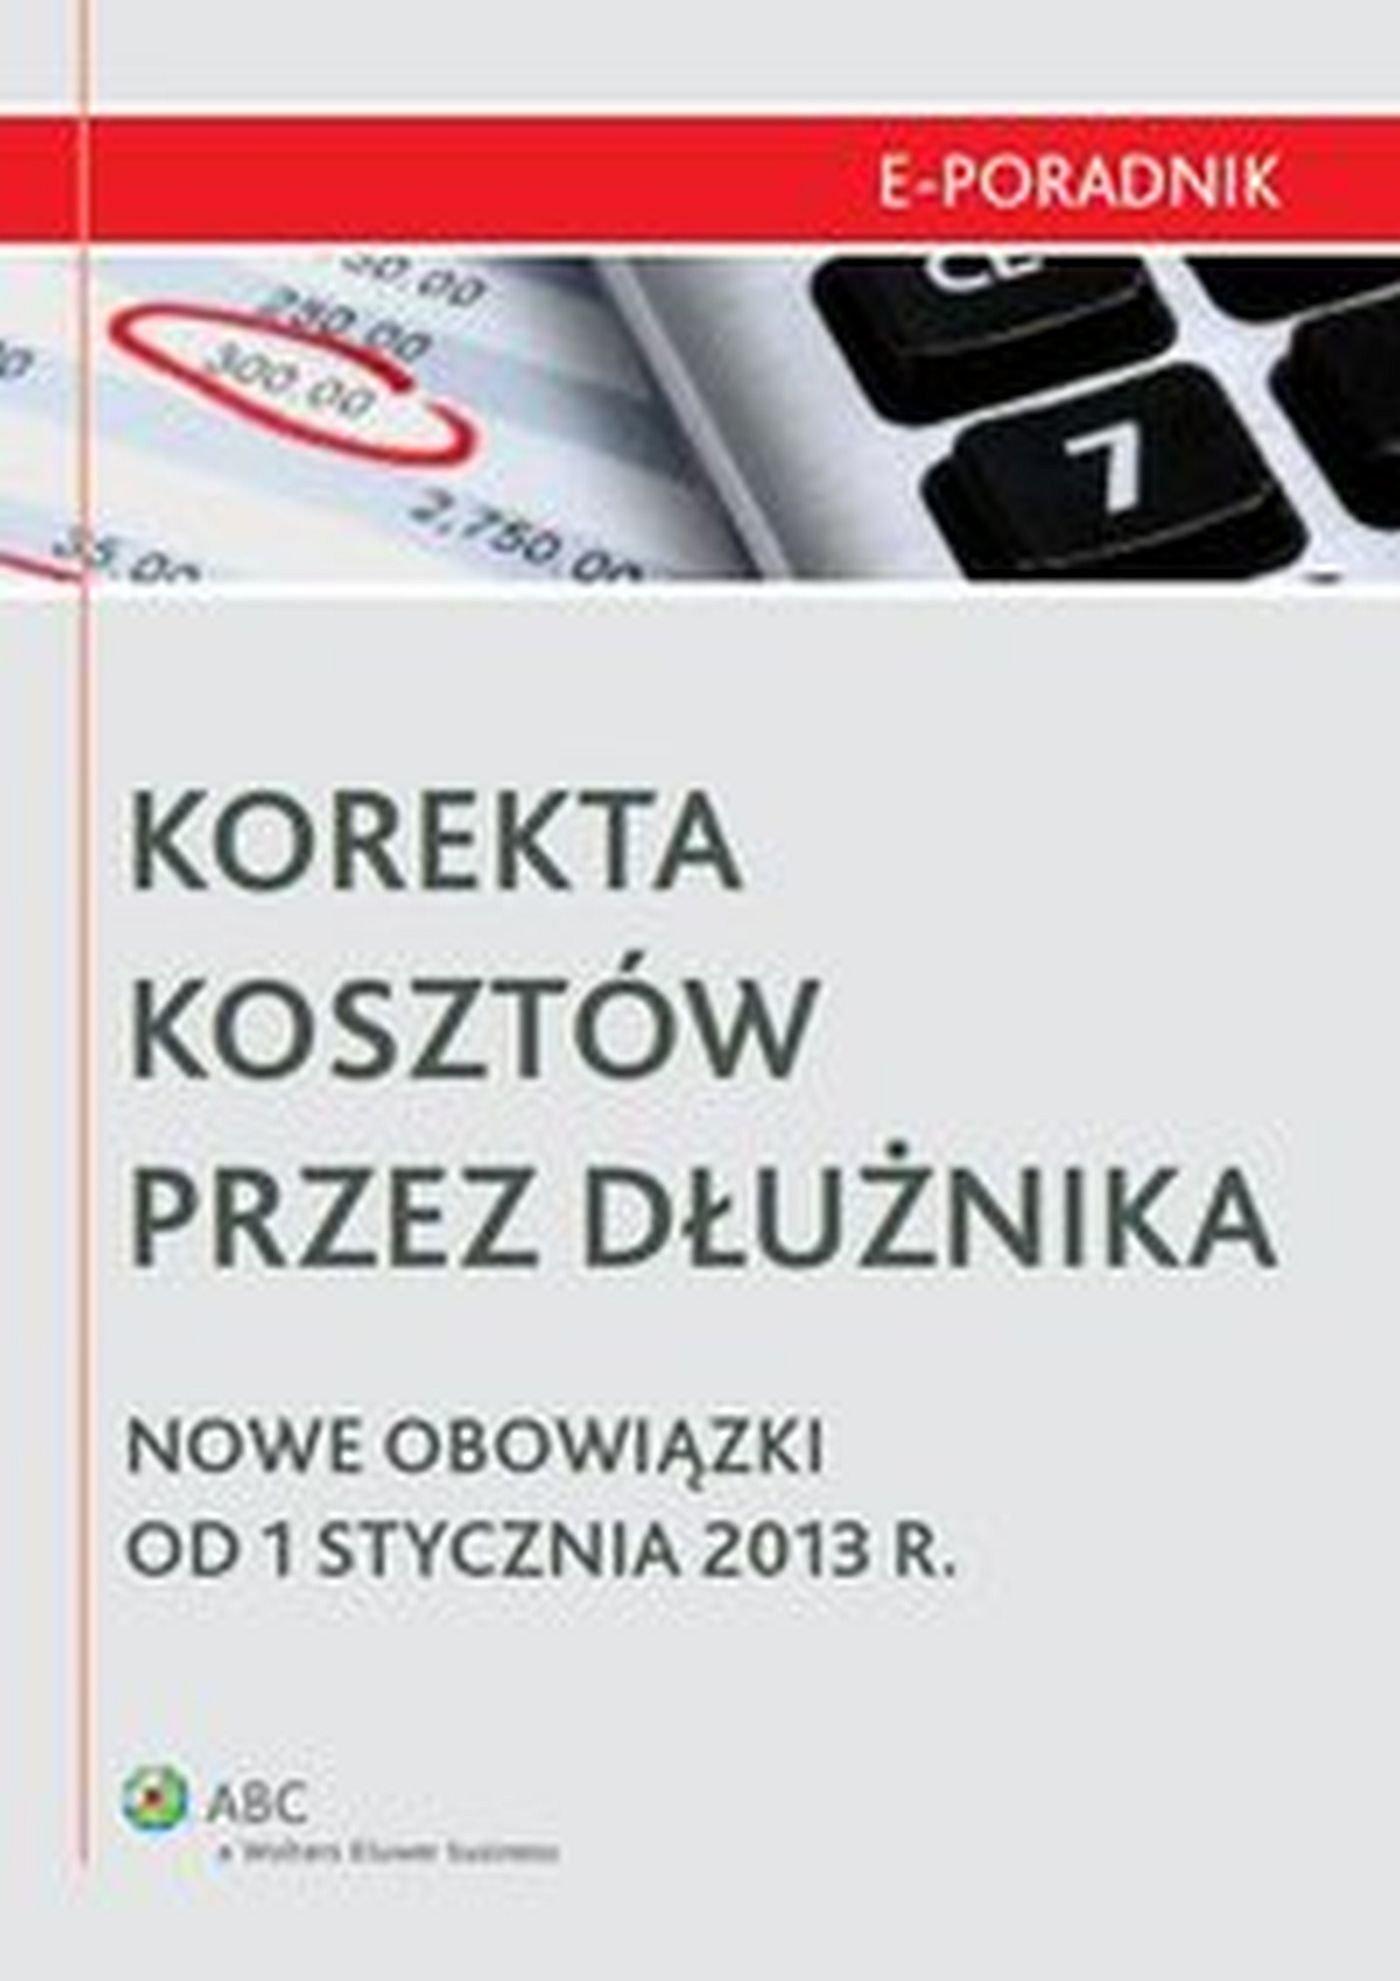 Korekta kosztów przez dłużnika - Nowe obowiązki od 1 stycznia 2013 r. - Ebook (Książka EPUB) do pobrania w formacie EPUB